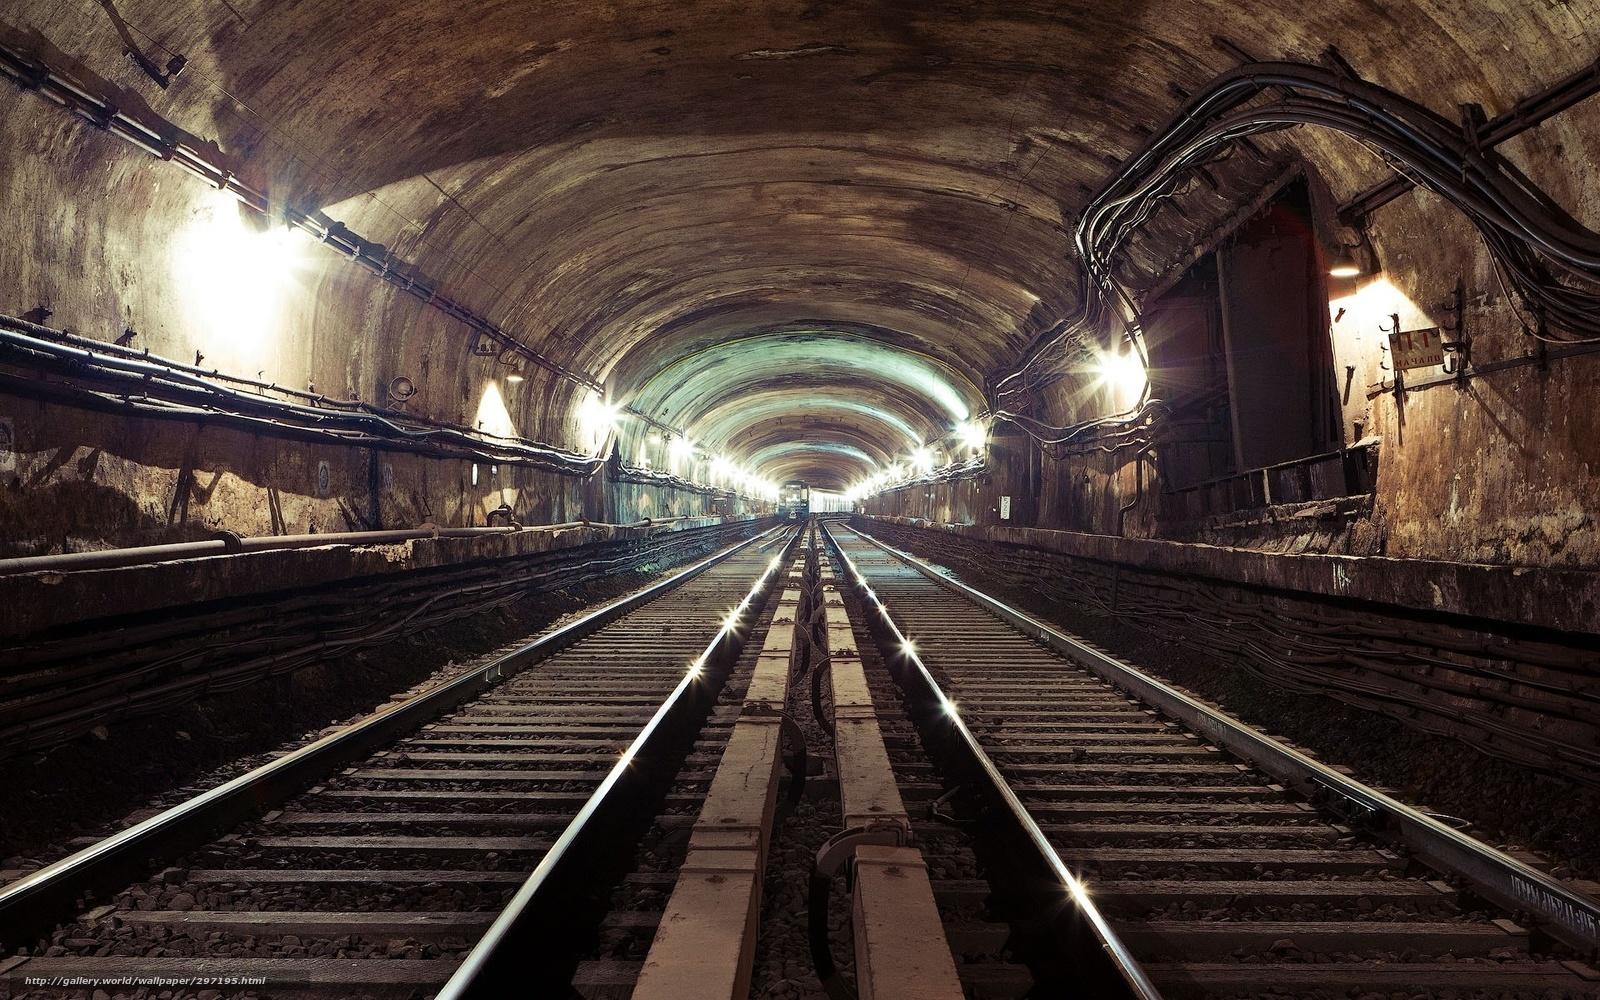 Справляли станции метро где живут богатые люди пыж пробки картонной